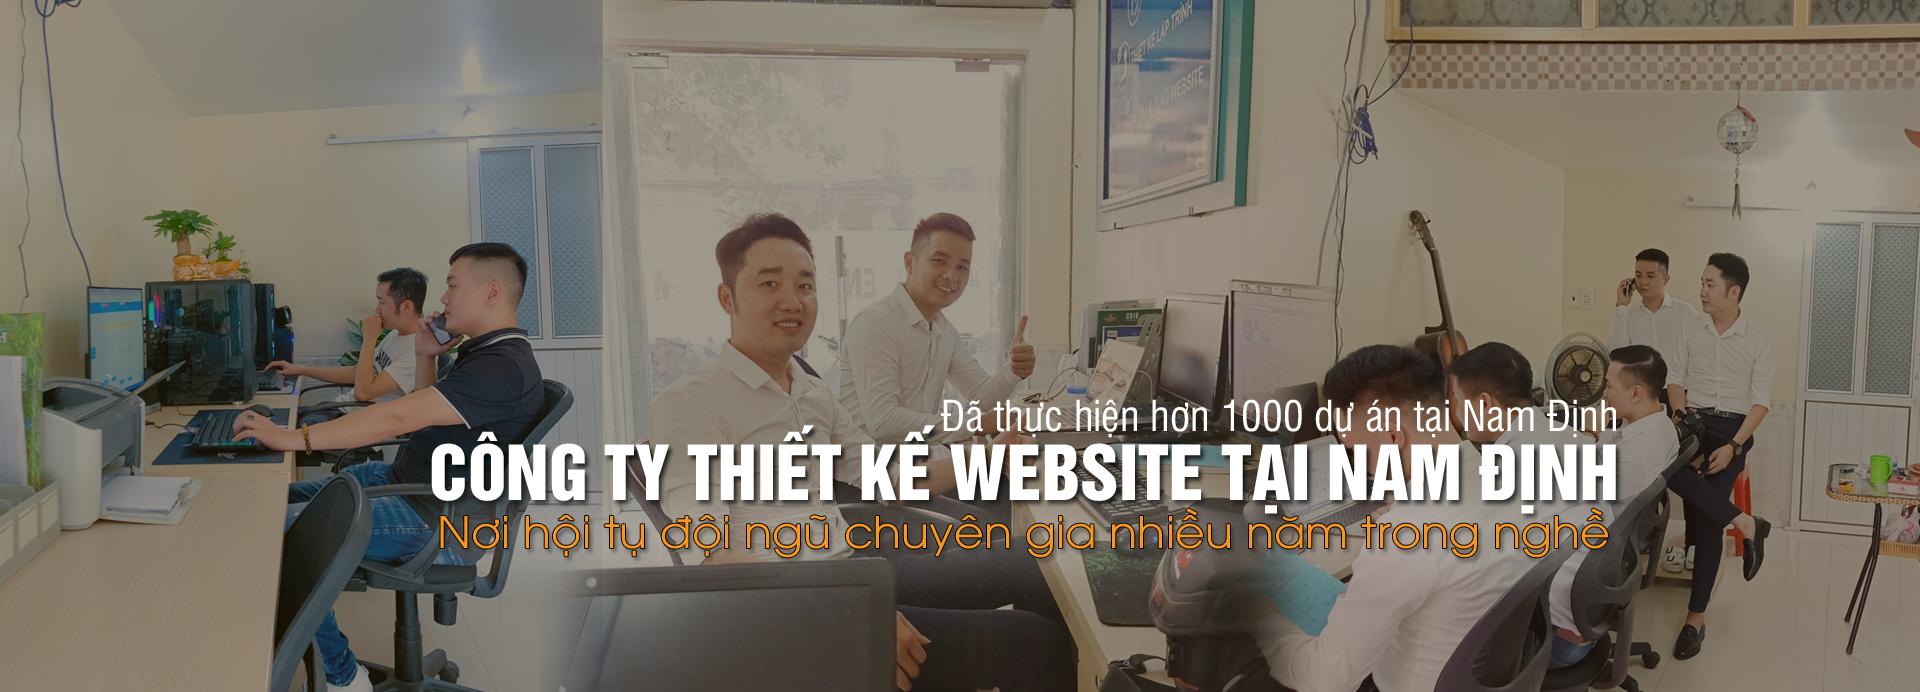 Top địa chỉ thiết kế website tại Nam Định